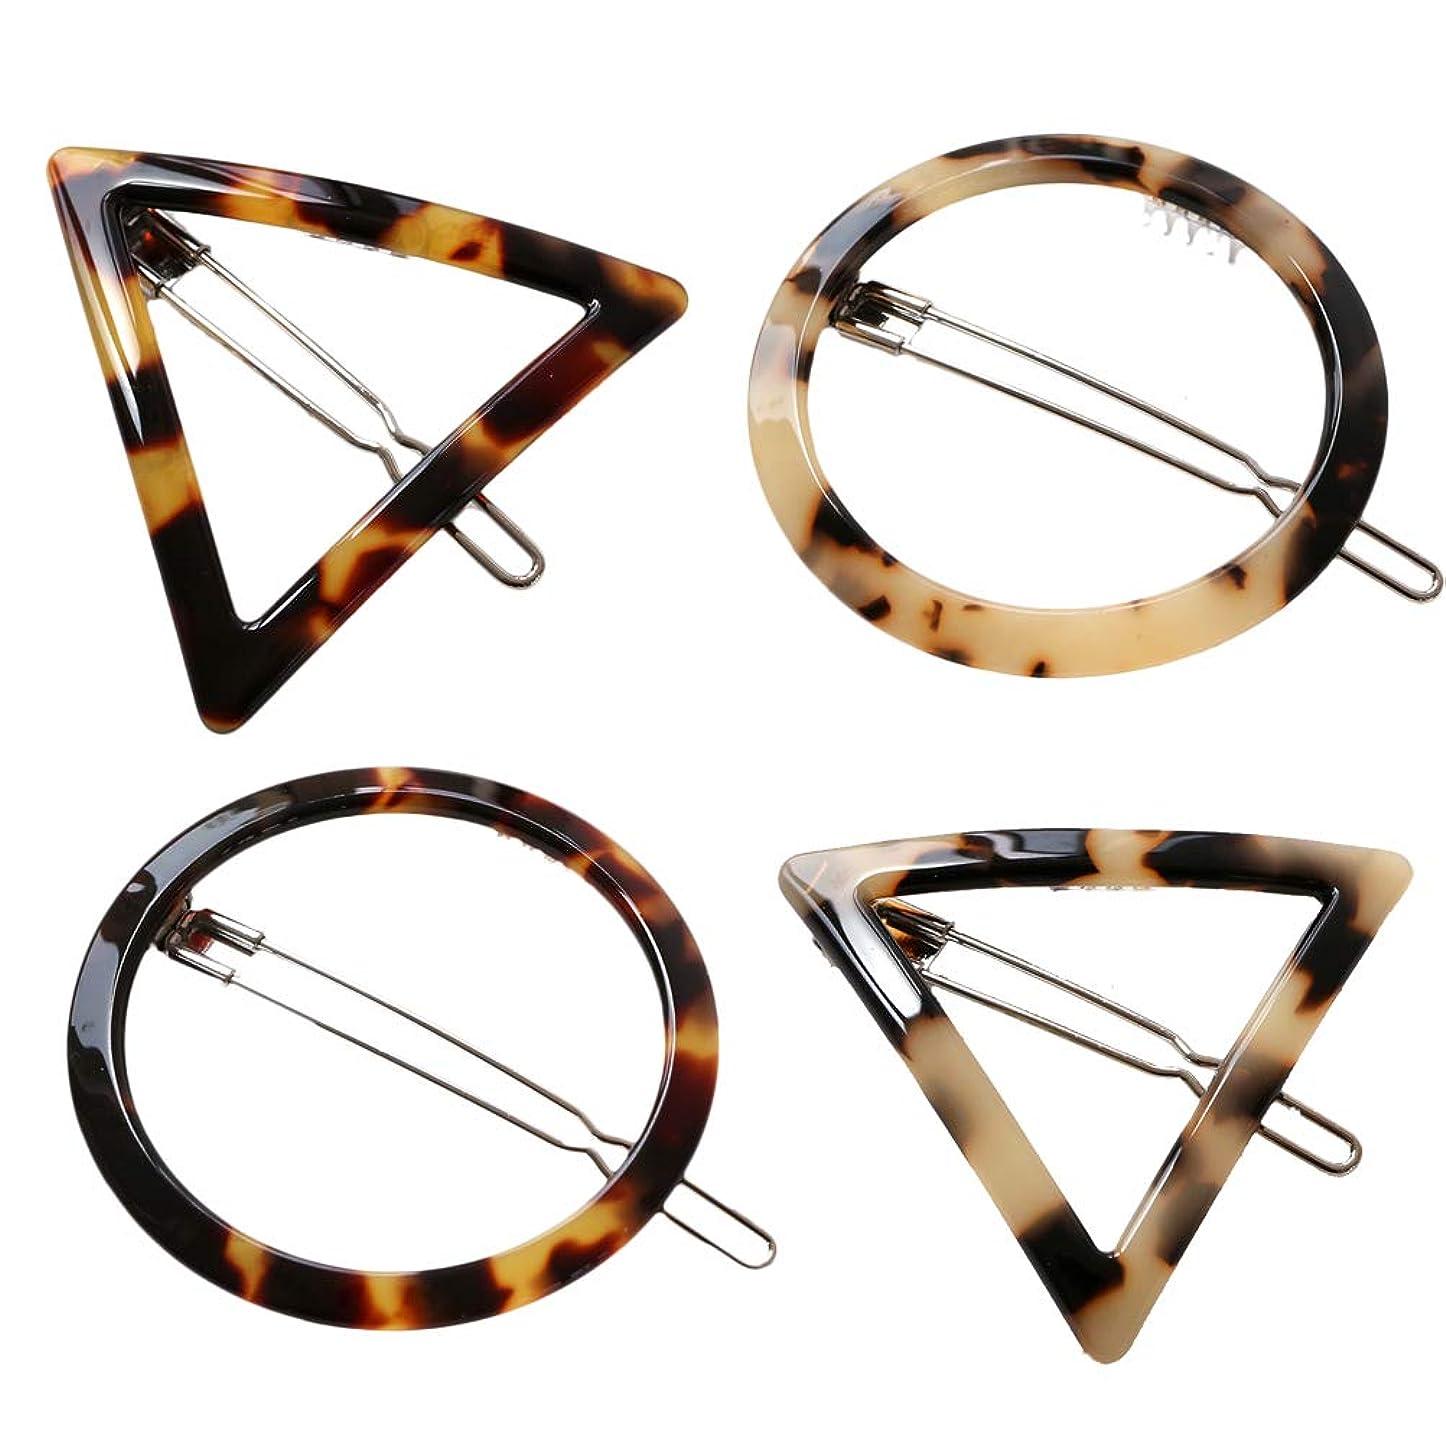 すべて法律により貝殻LURROSE 4本のアクリルのヘアクリップ幾何学的なヘアピンバングクリップ三角の丸いヒョウの髪飾り(丸型ダークヒョウ、丸型の光ヒョウ、三角型の光ヒョウ、各1個)